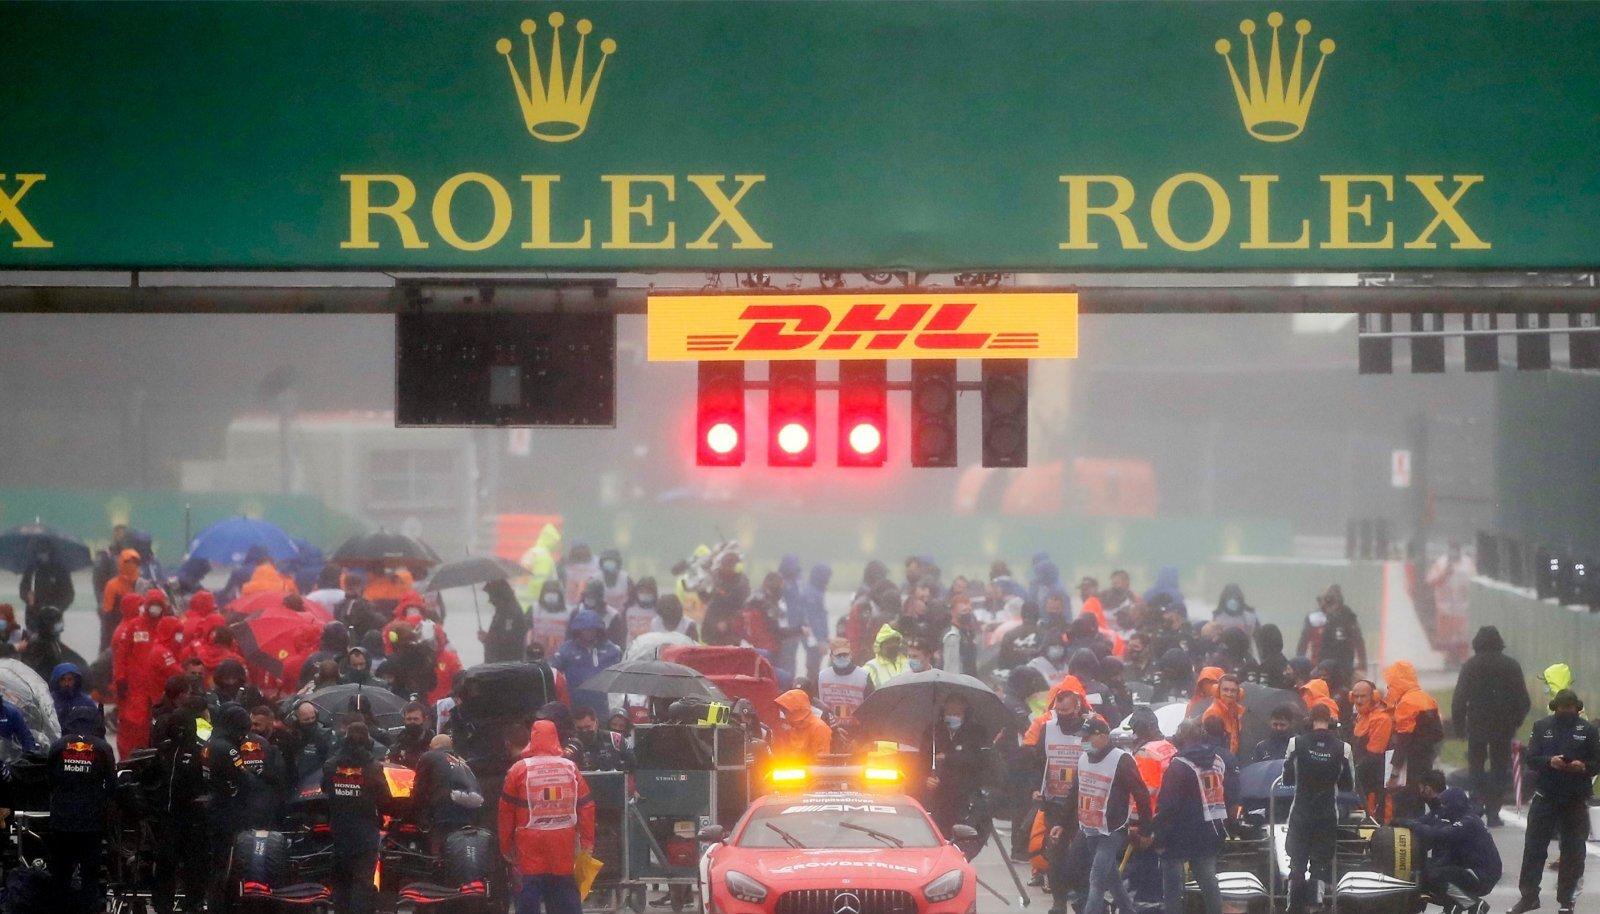 Belgia GP start.